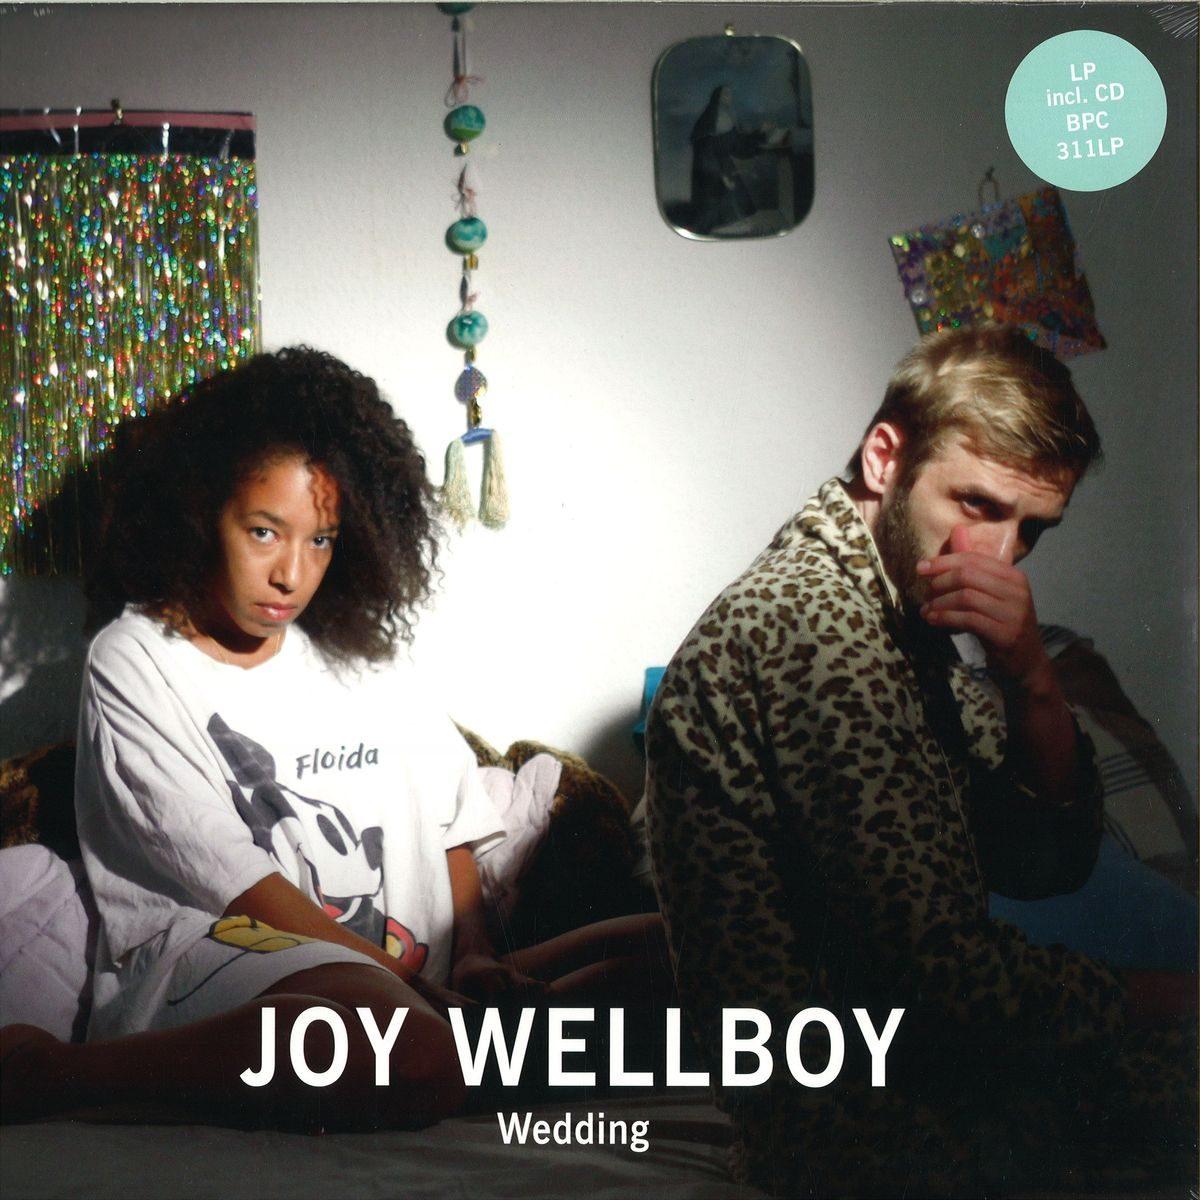 Joy Wellboy - Wedding